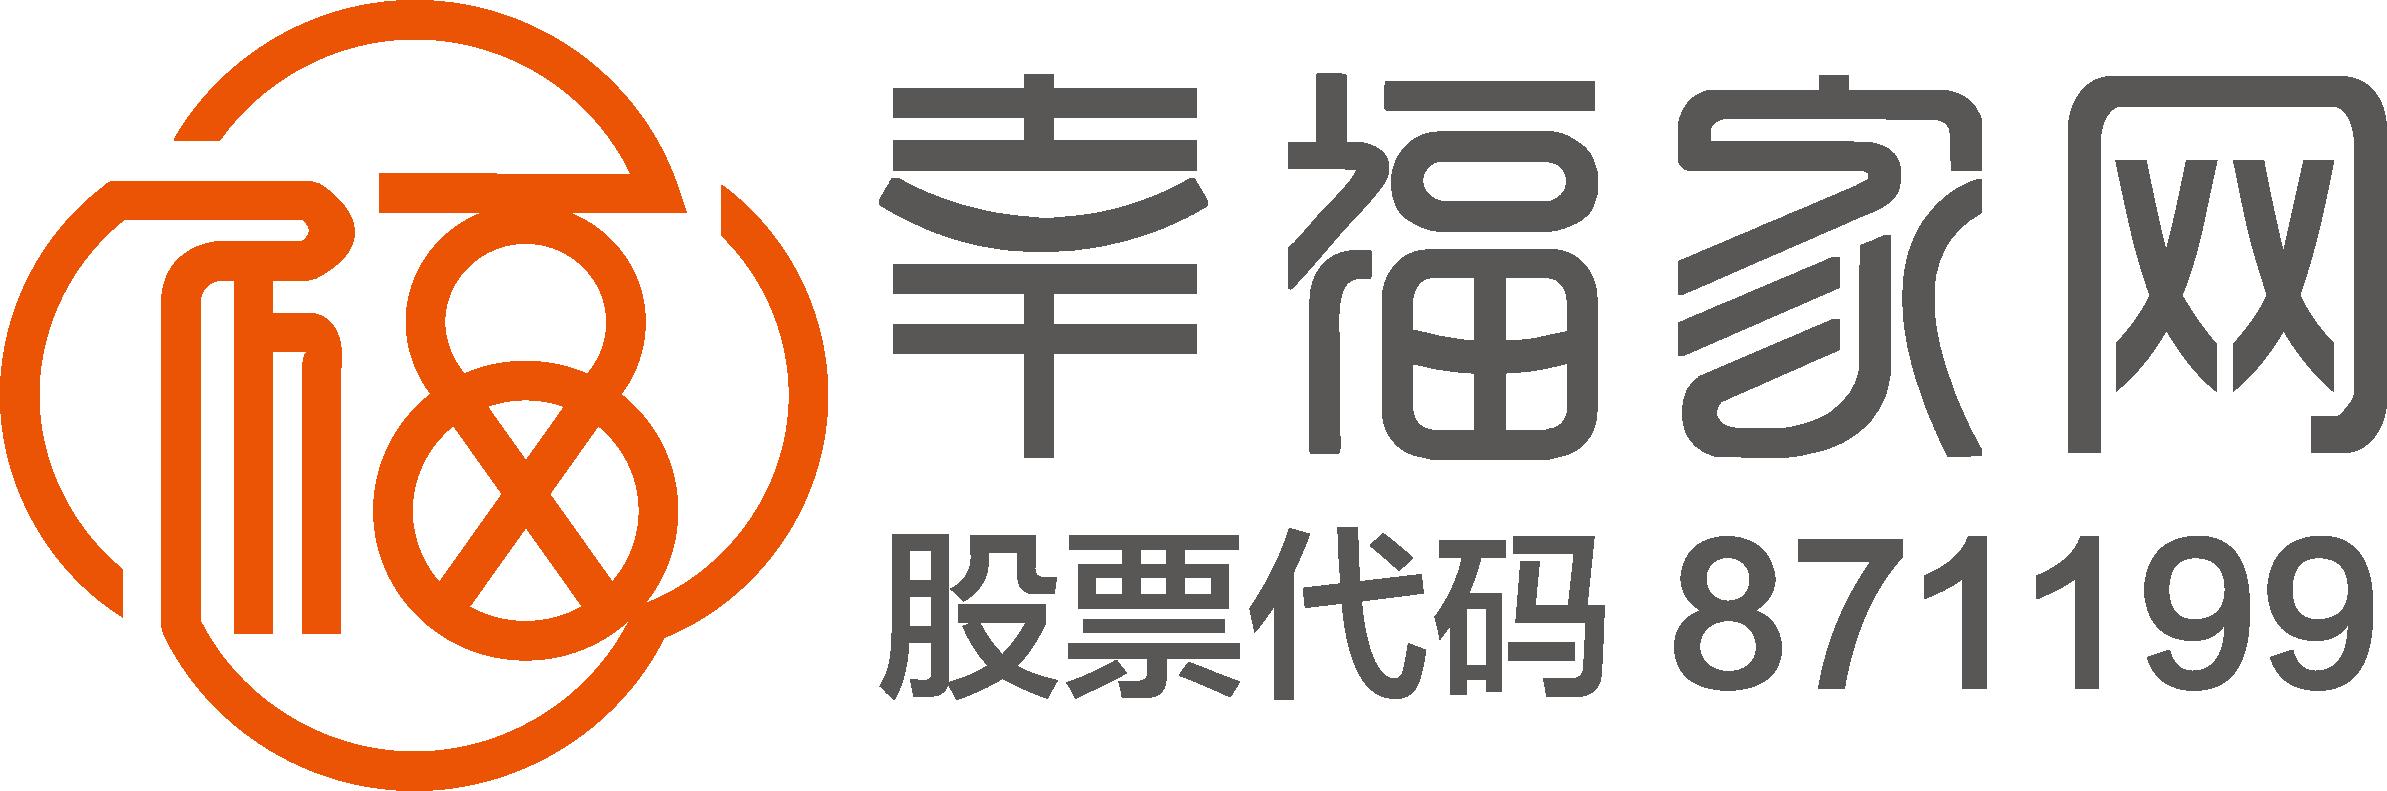 珠海天庆粤凯广场二期_ 房产中介平台相关-幸福家